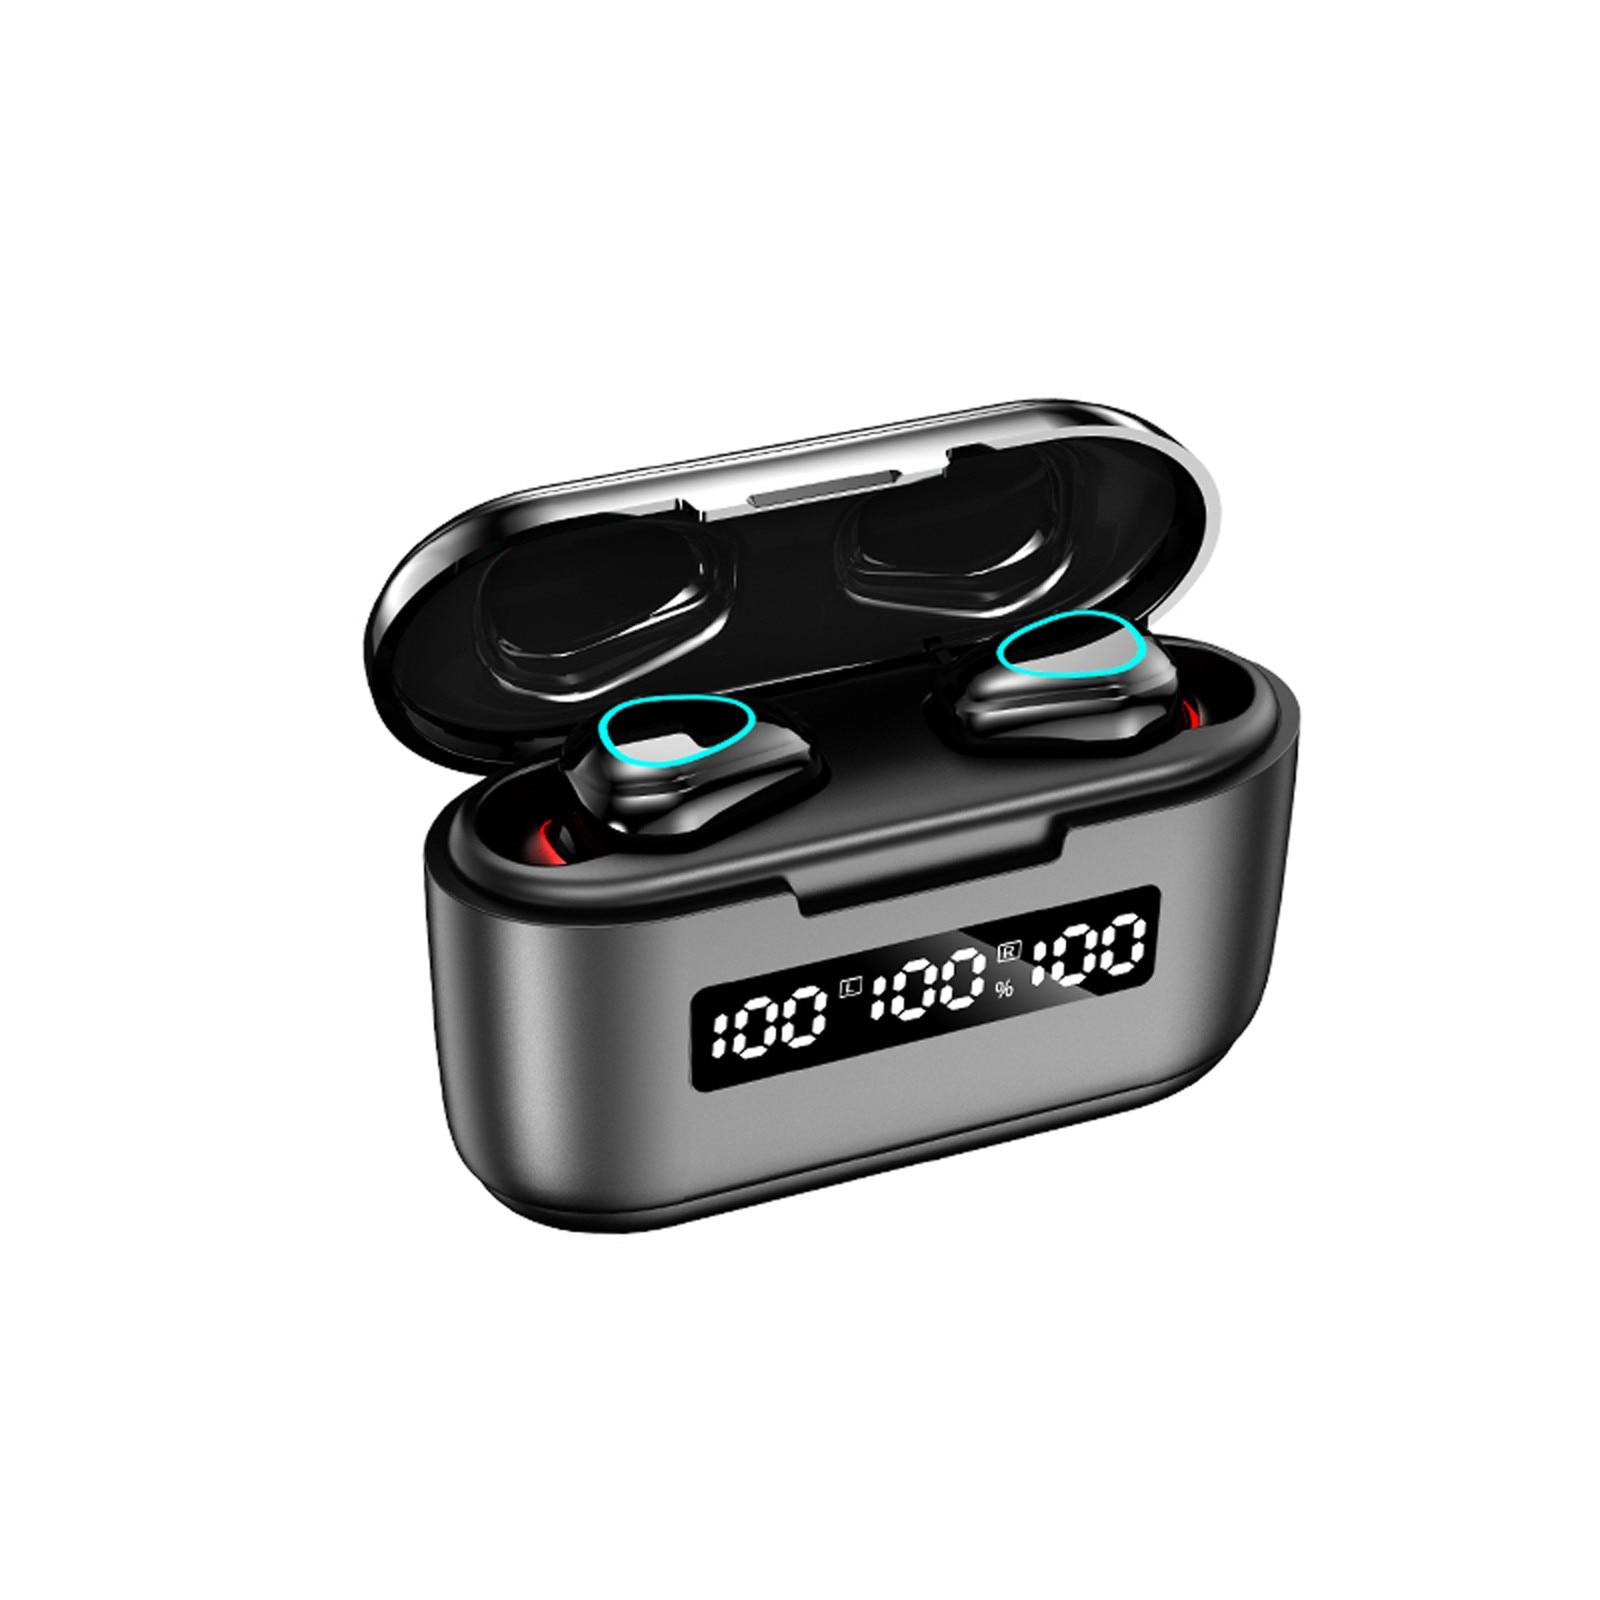 Fone de ouvido sem fio bluetooth 5.1, com visor de energia, estéreo, esportivo, sem fio